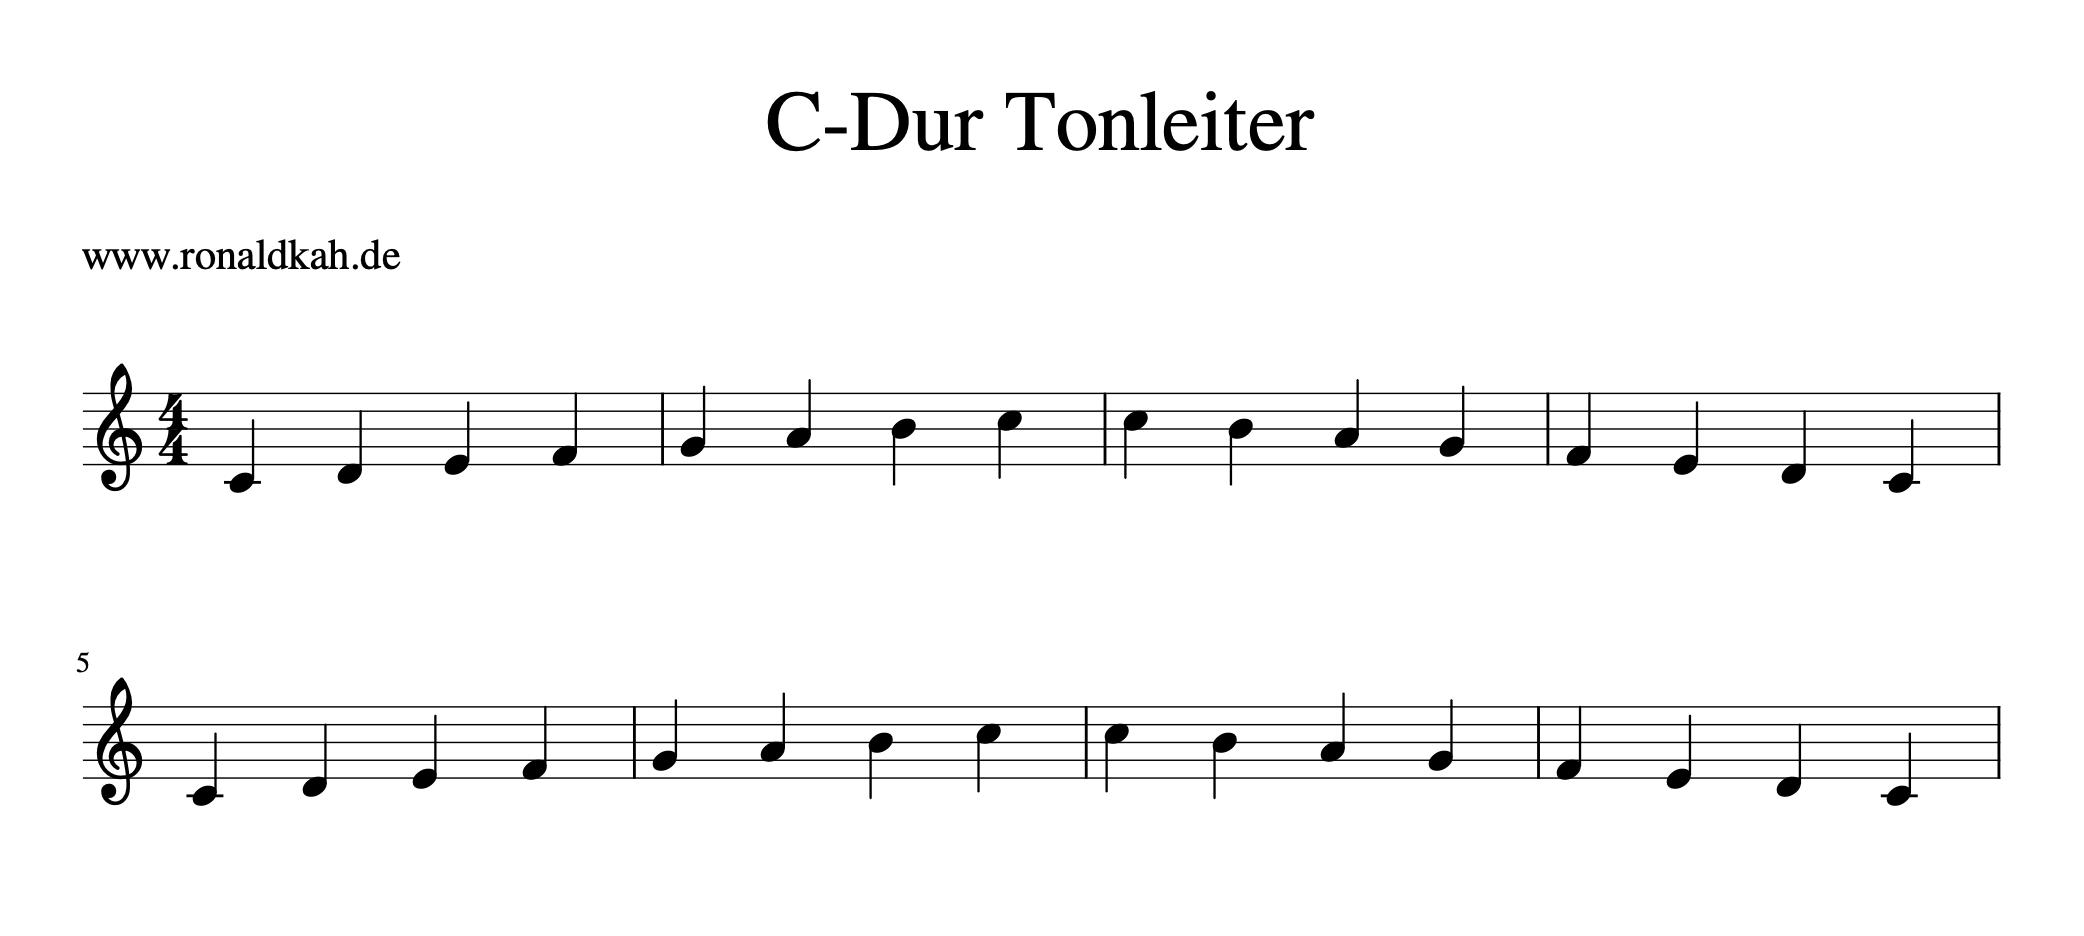 Tonleiter - C Dur